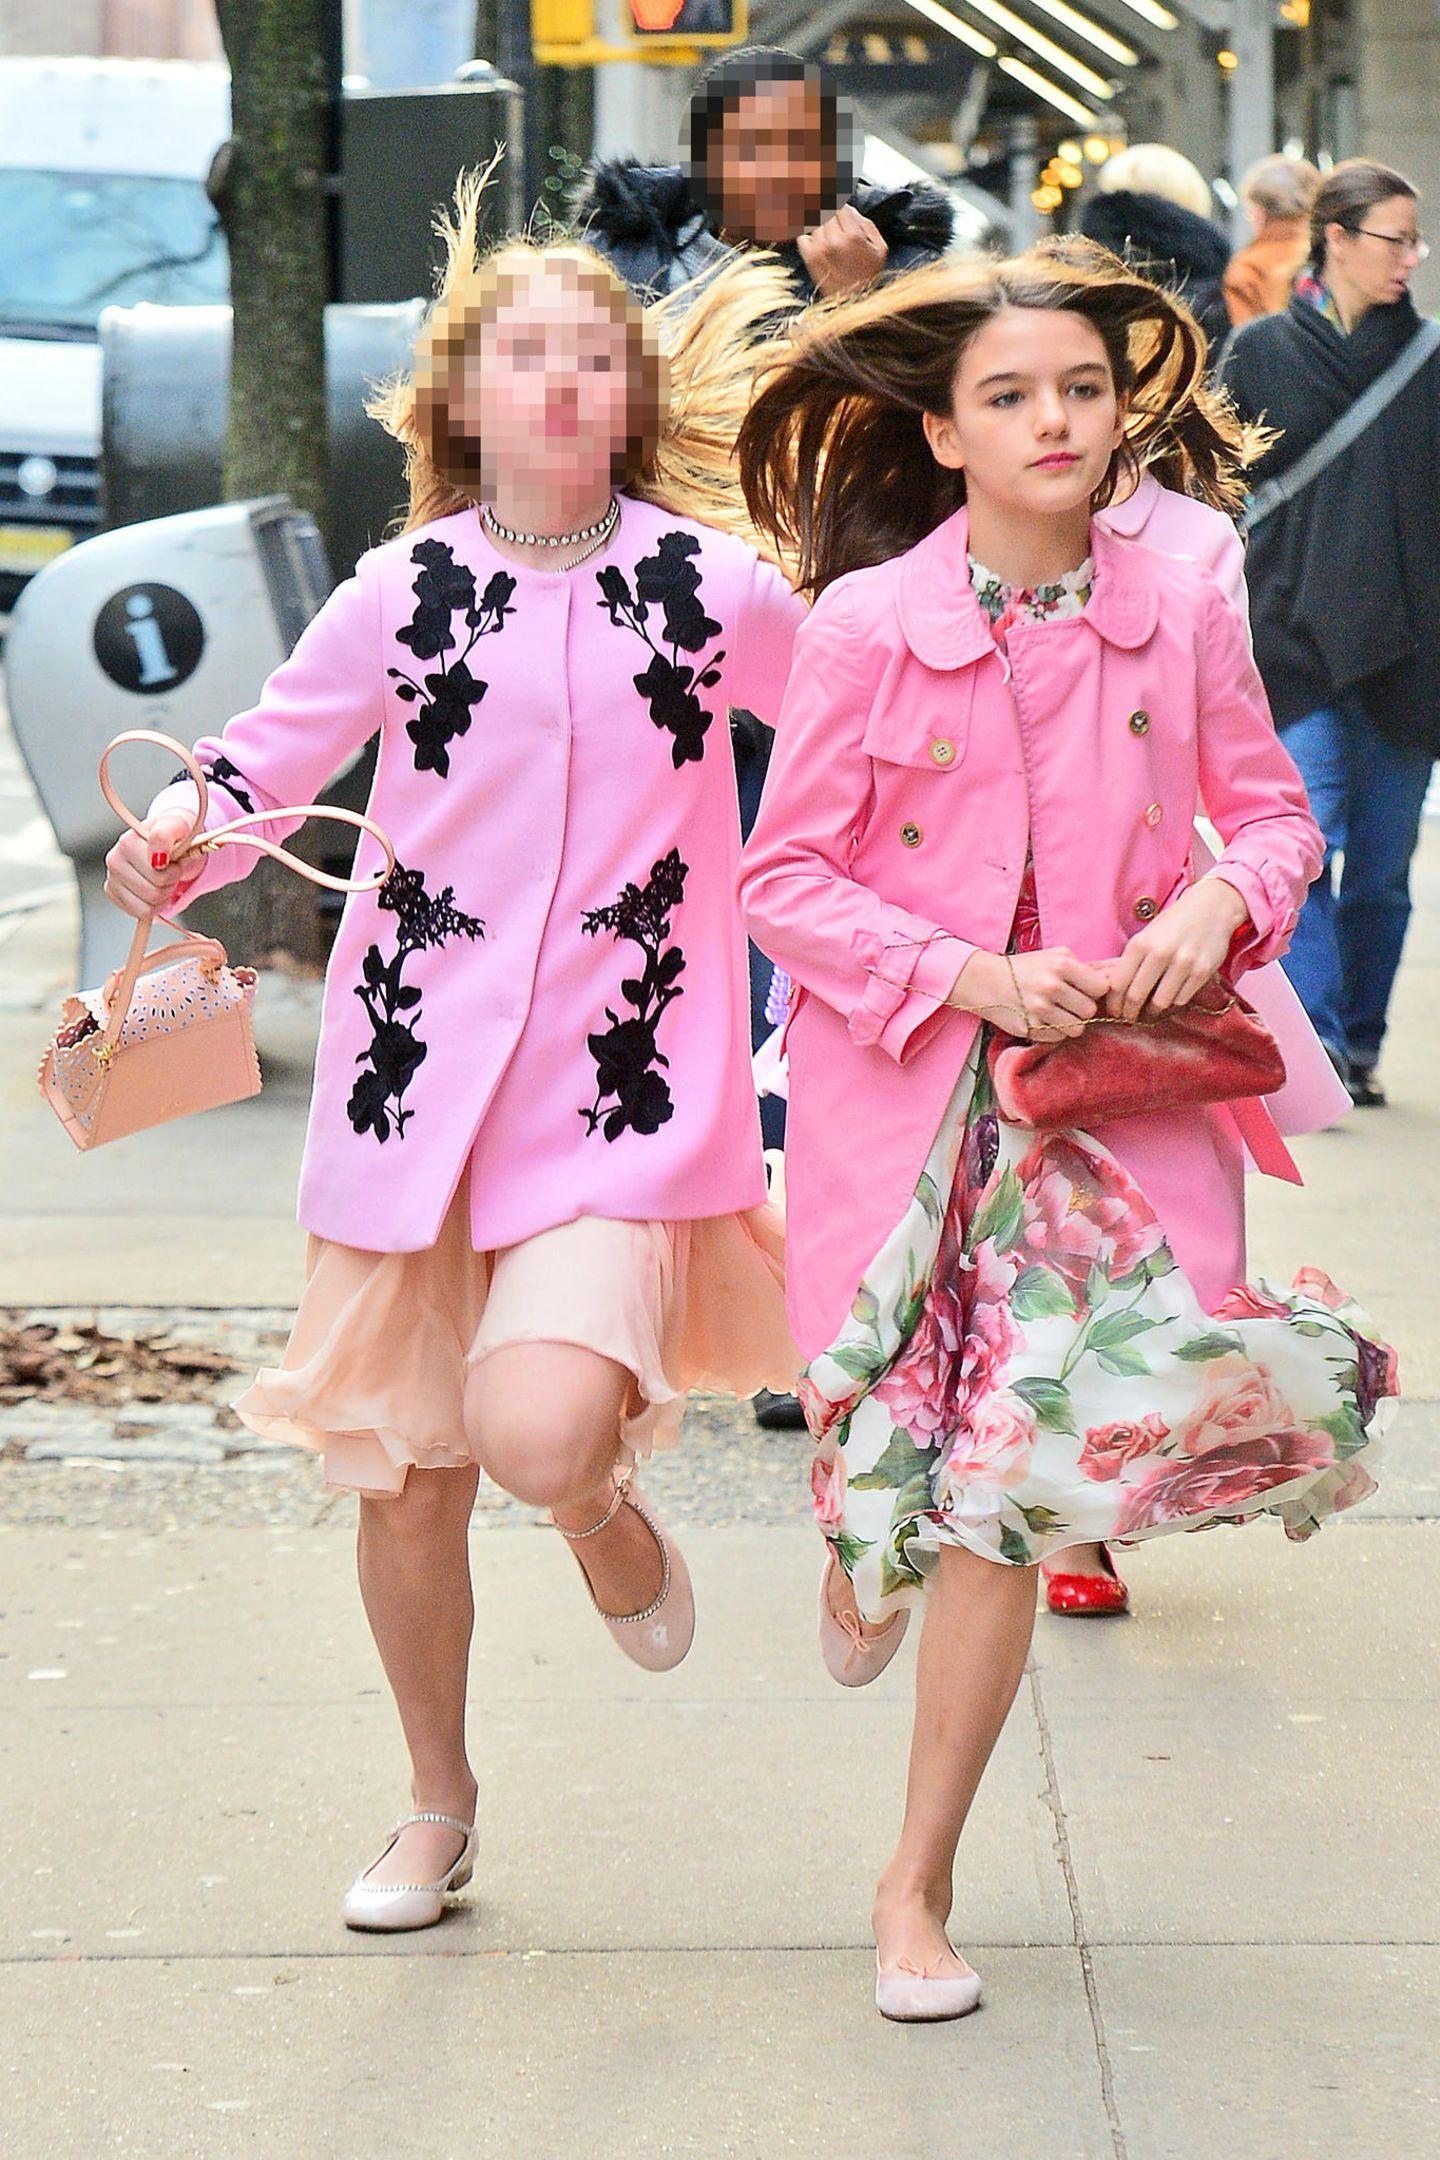 Suri Cruise spielt wie ein ganz normales Mädchen auf den Straßen New Yorks, weil sie jedoch kein ganz normales Mädchen ist, sind die Paparazzi ihr stets auf den Fersen. In ihrem geblümten Kleid und einer pinken Jacke ist Suri nicht gerade unauffällig.